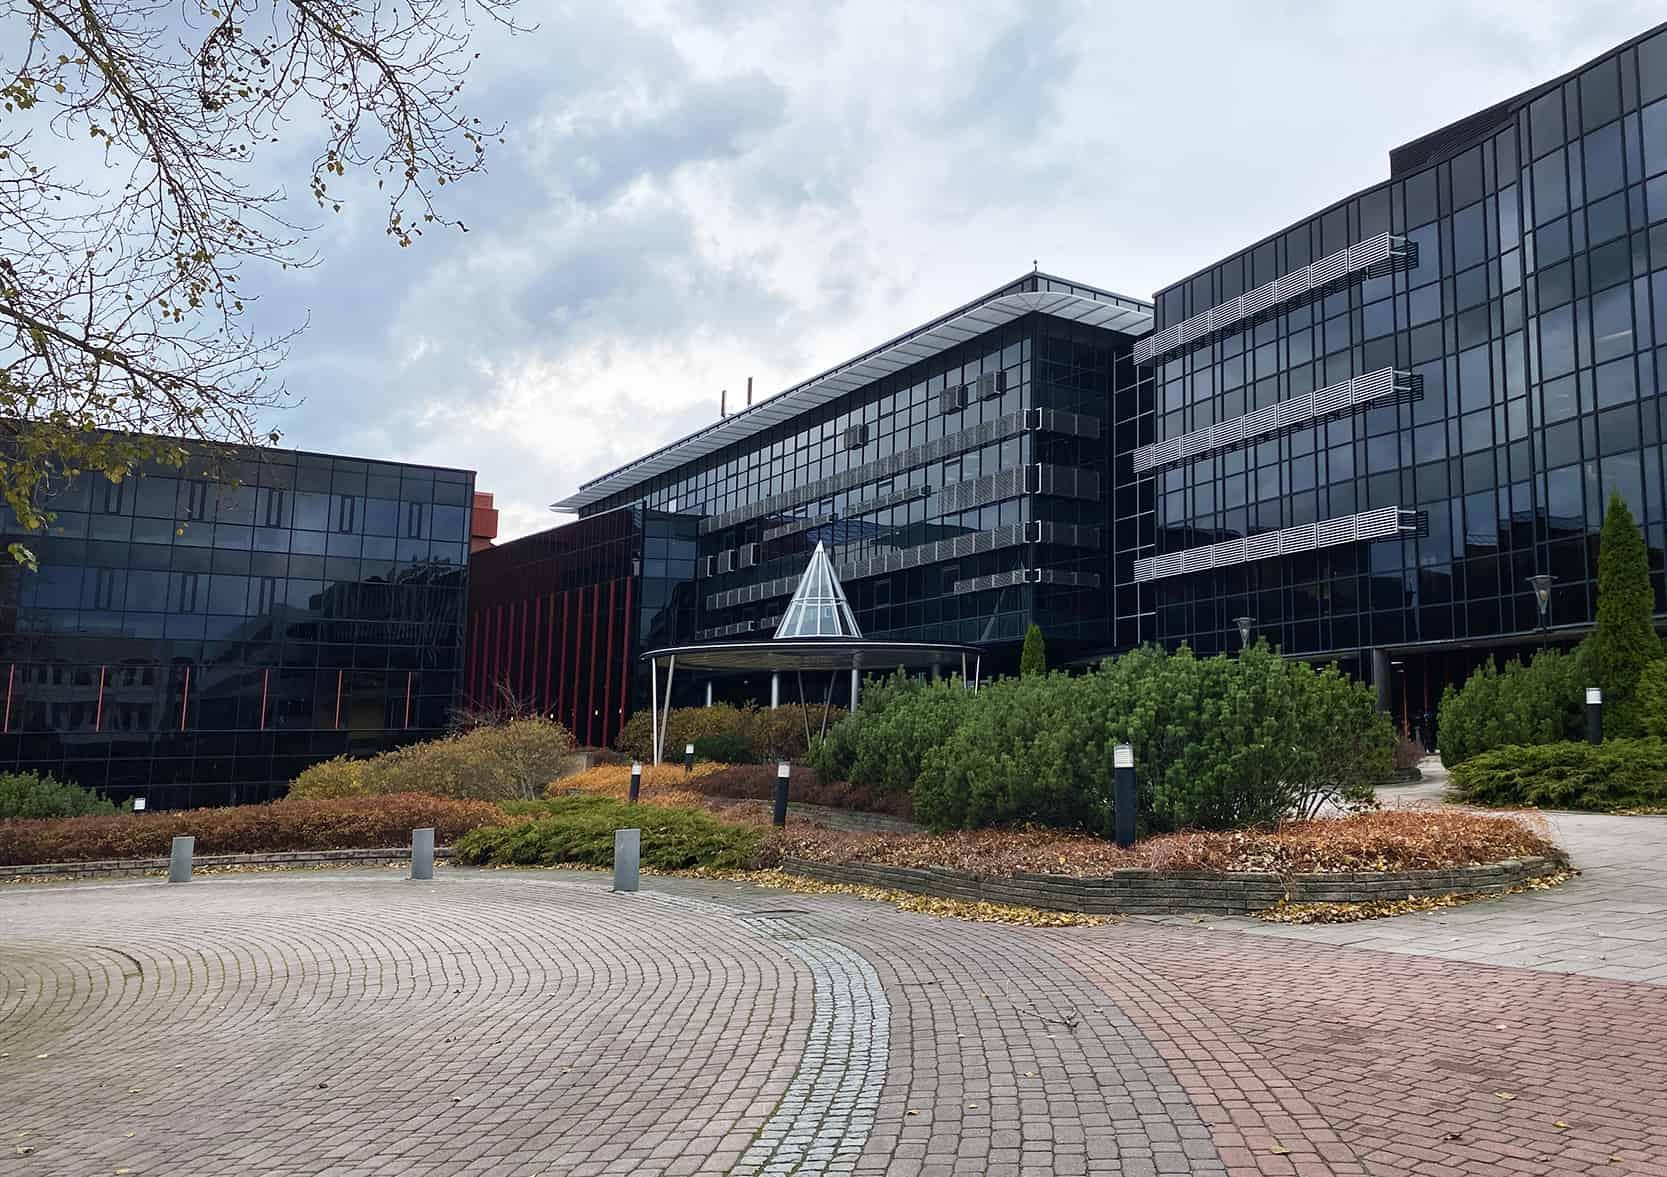 Yrityssalon rakennus.